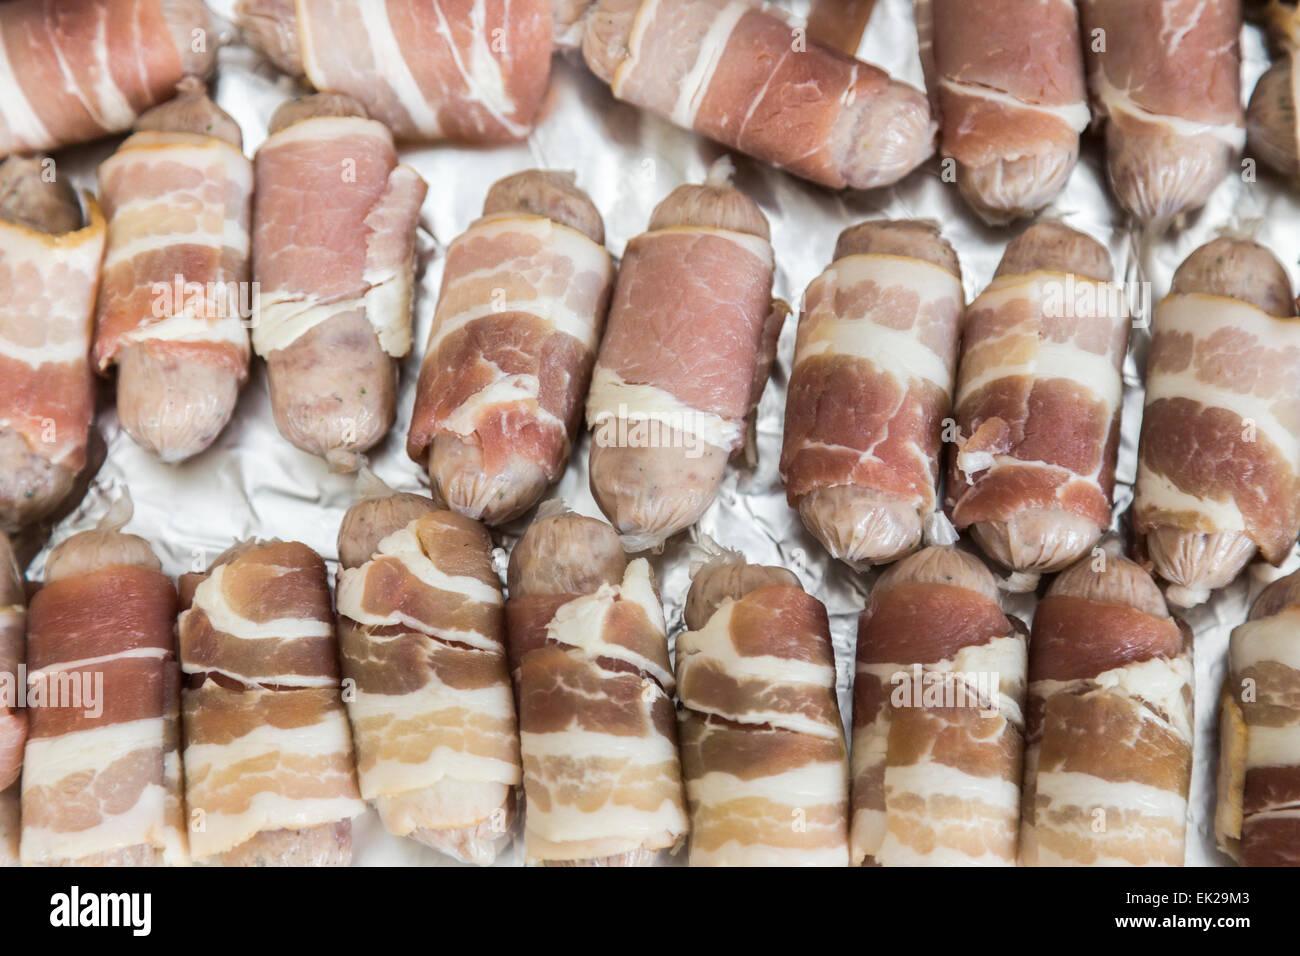 Le bac intérieur en aluminium avec saucisses crues enrobé de bacon (porcs dans des couvertures) prête pour la cuisson, Banque D'Images